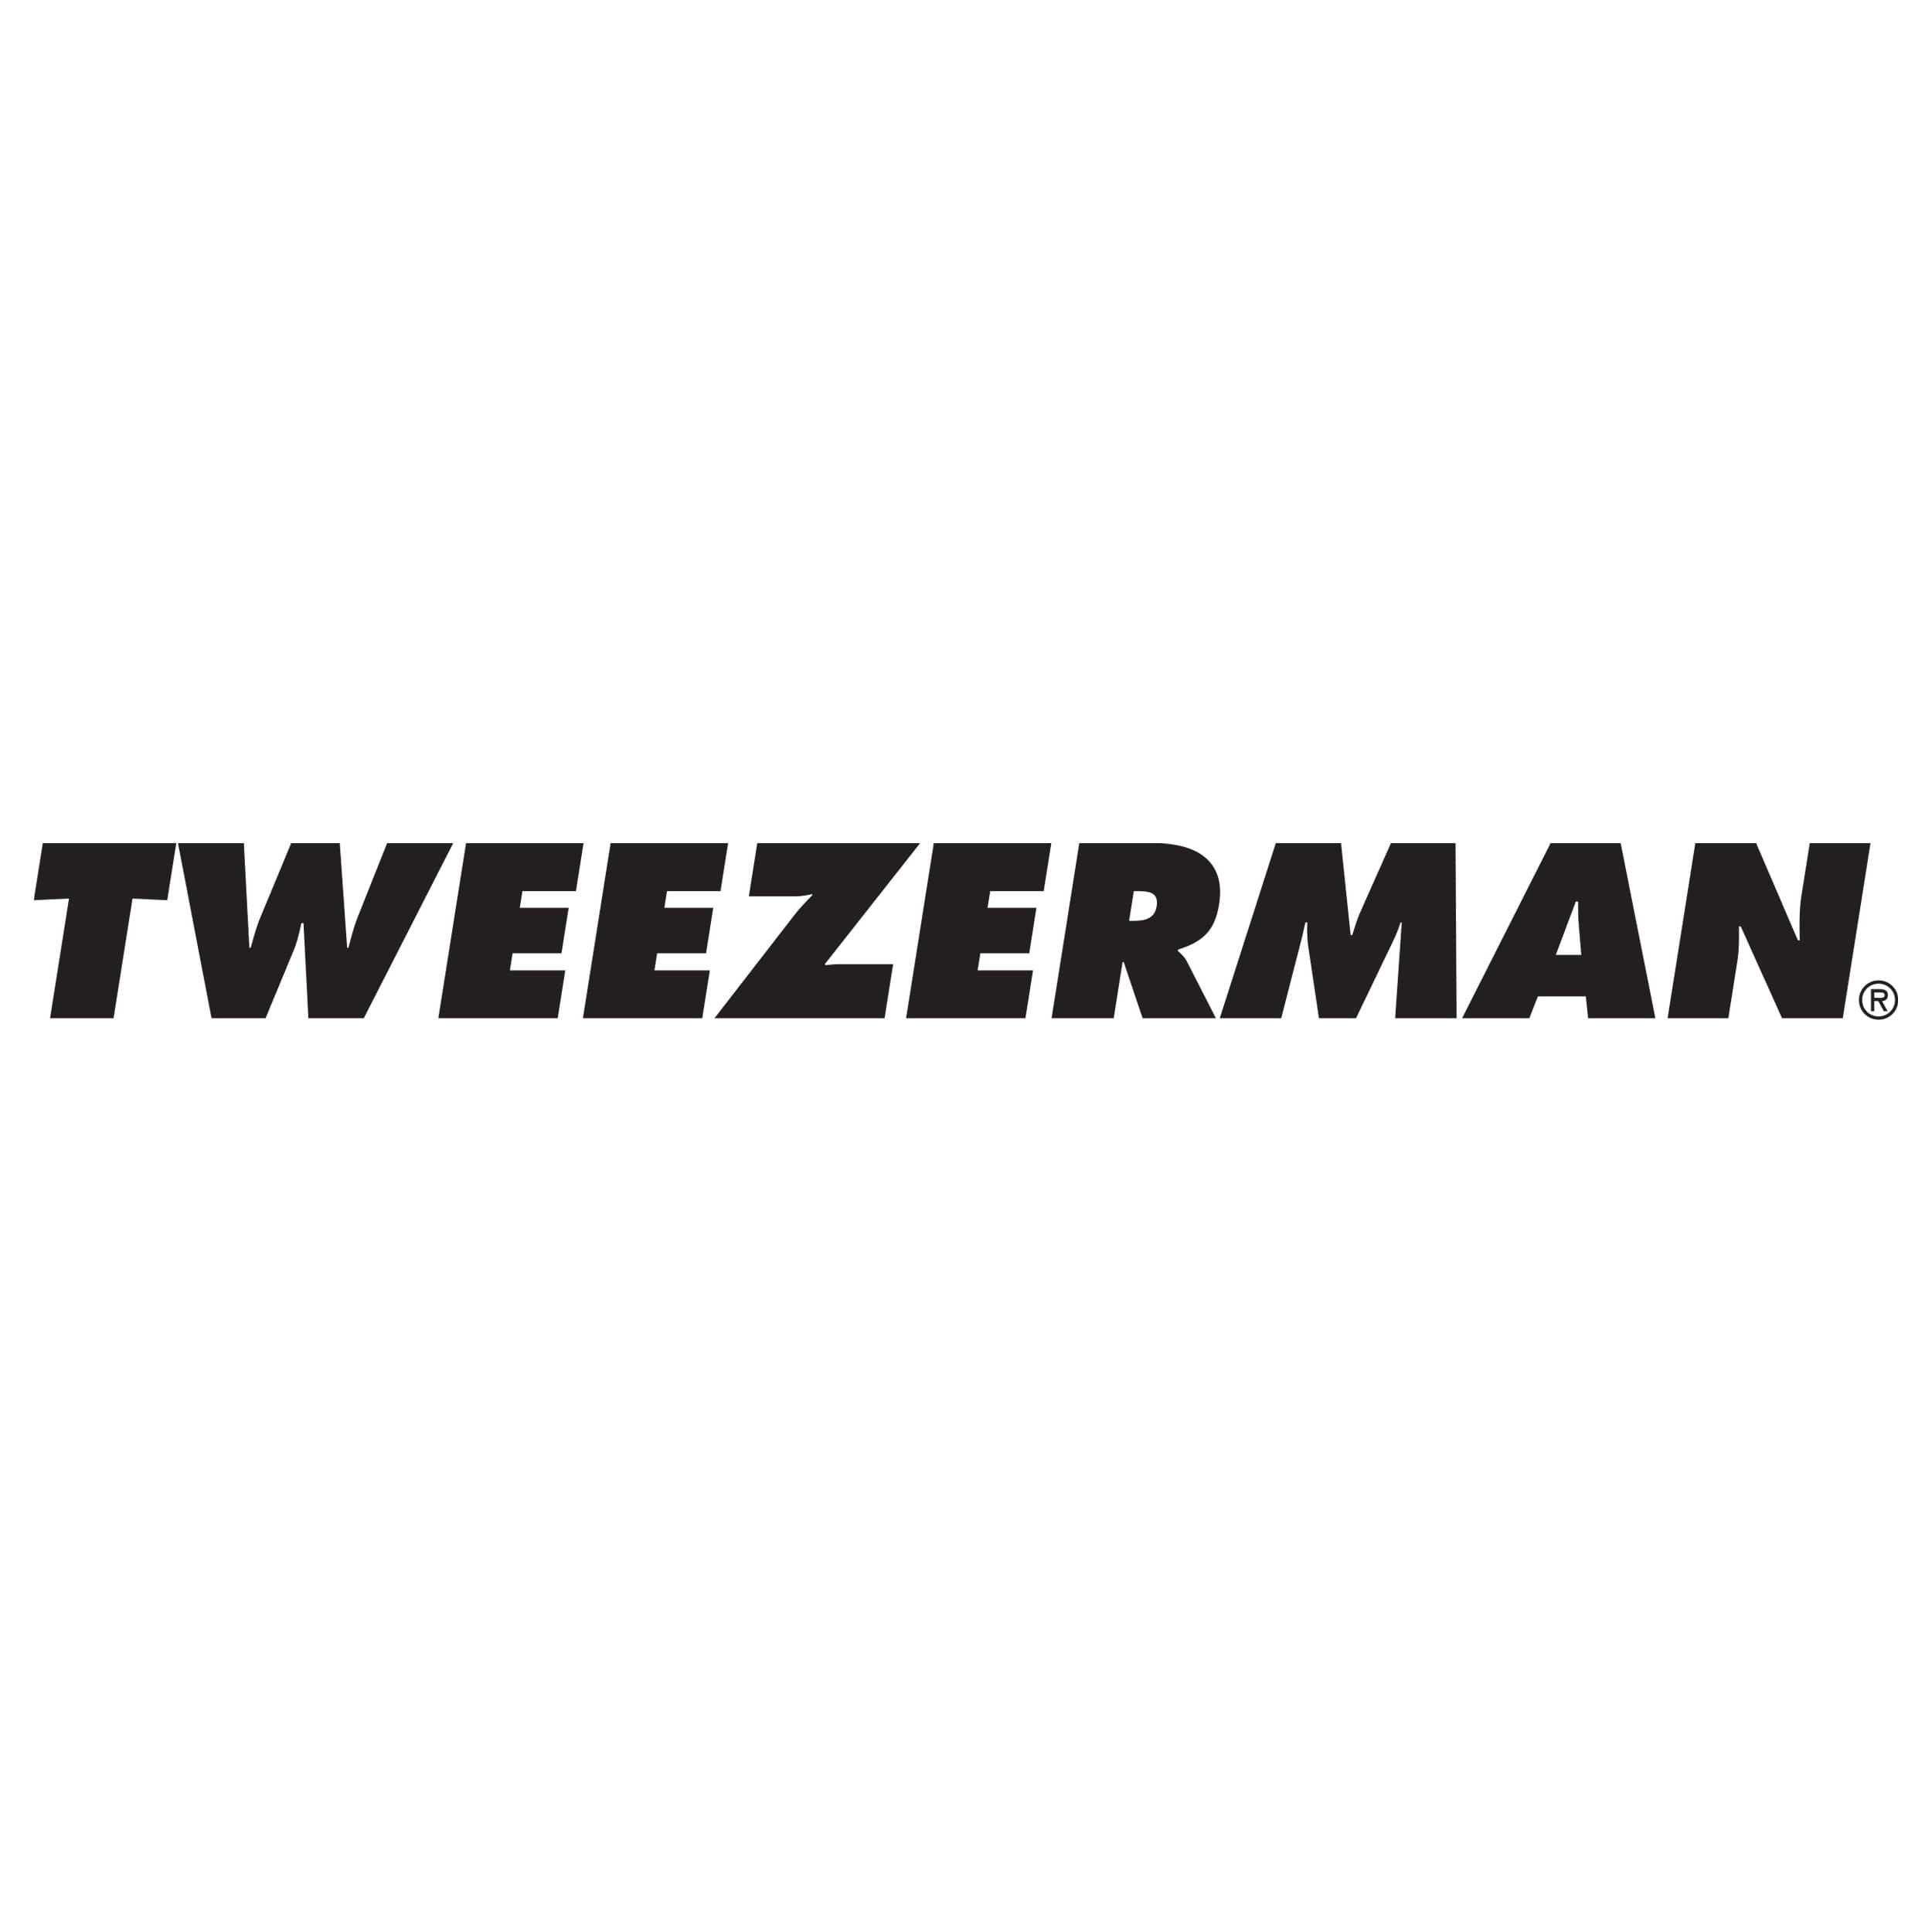 Tweezermate 12x Magnifying Mirror Tweezerman